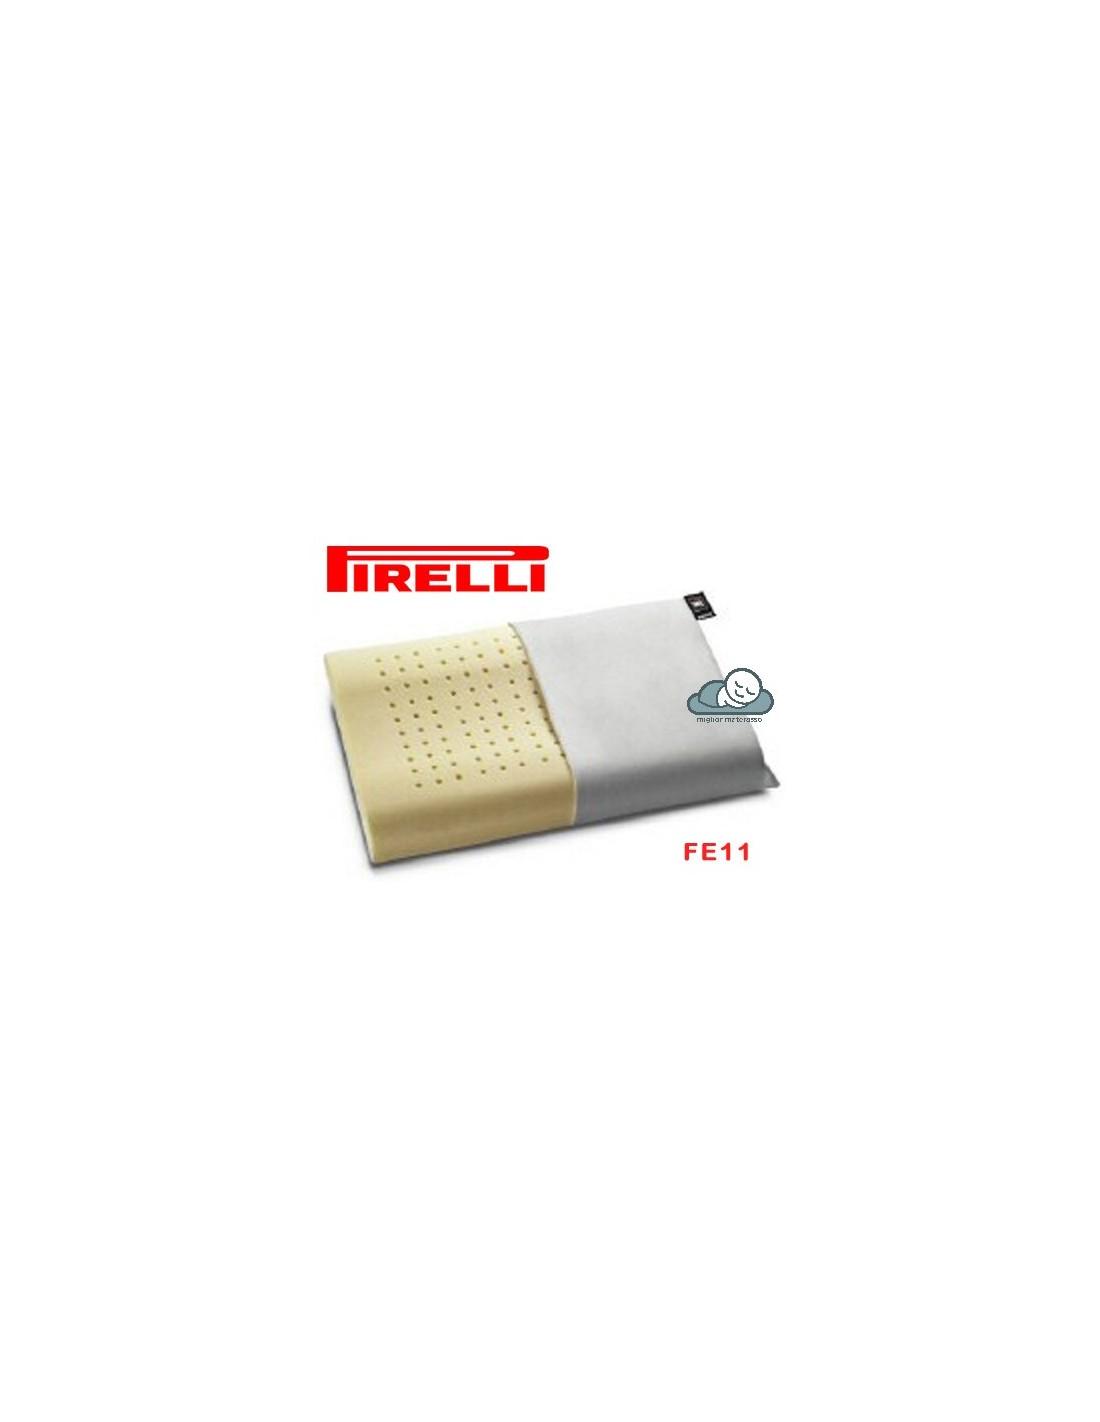 Cuscino Memory Pirelli Cervicale FE11 prezzo in offerta